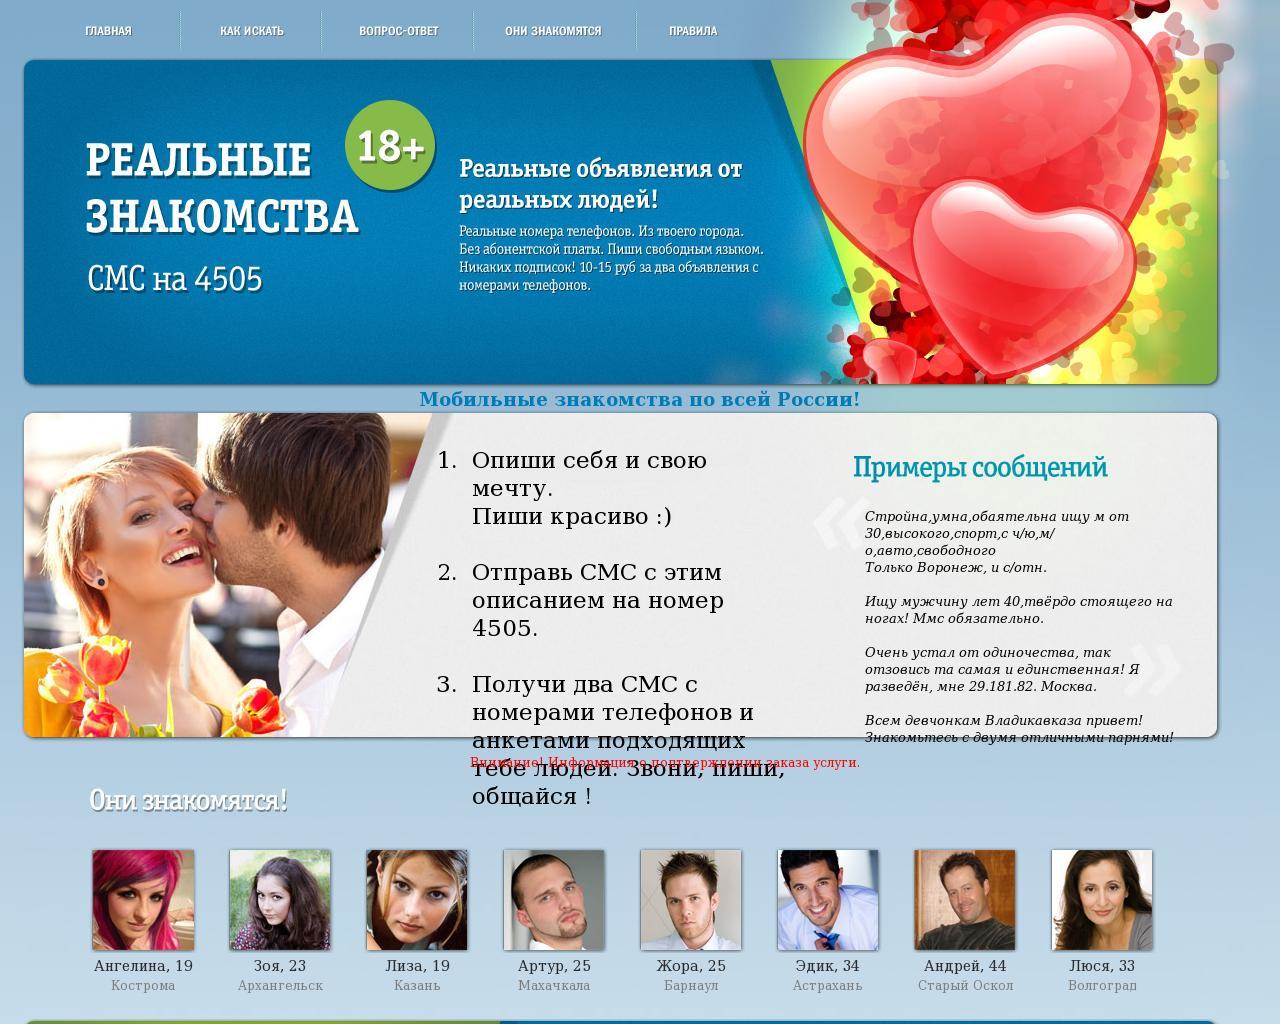 Газета ярмарка калининград рубрика смс знакомства